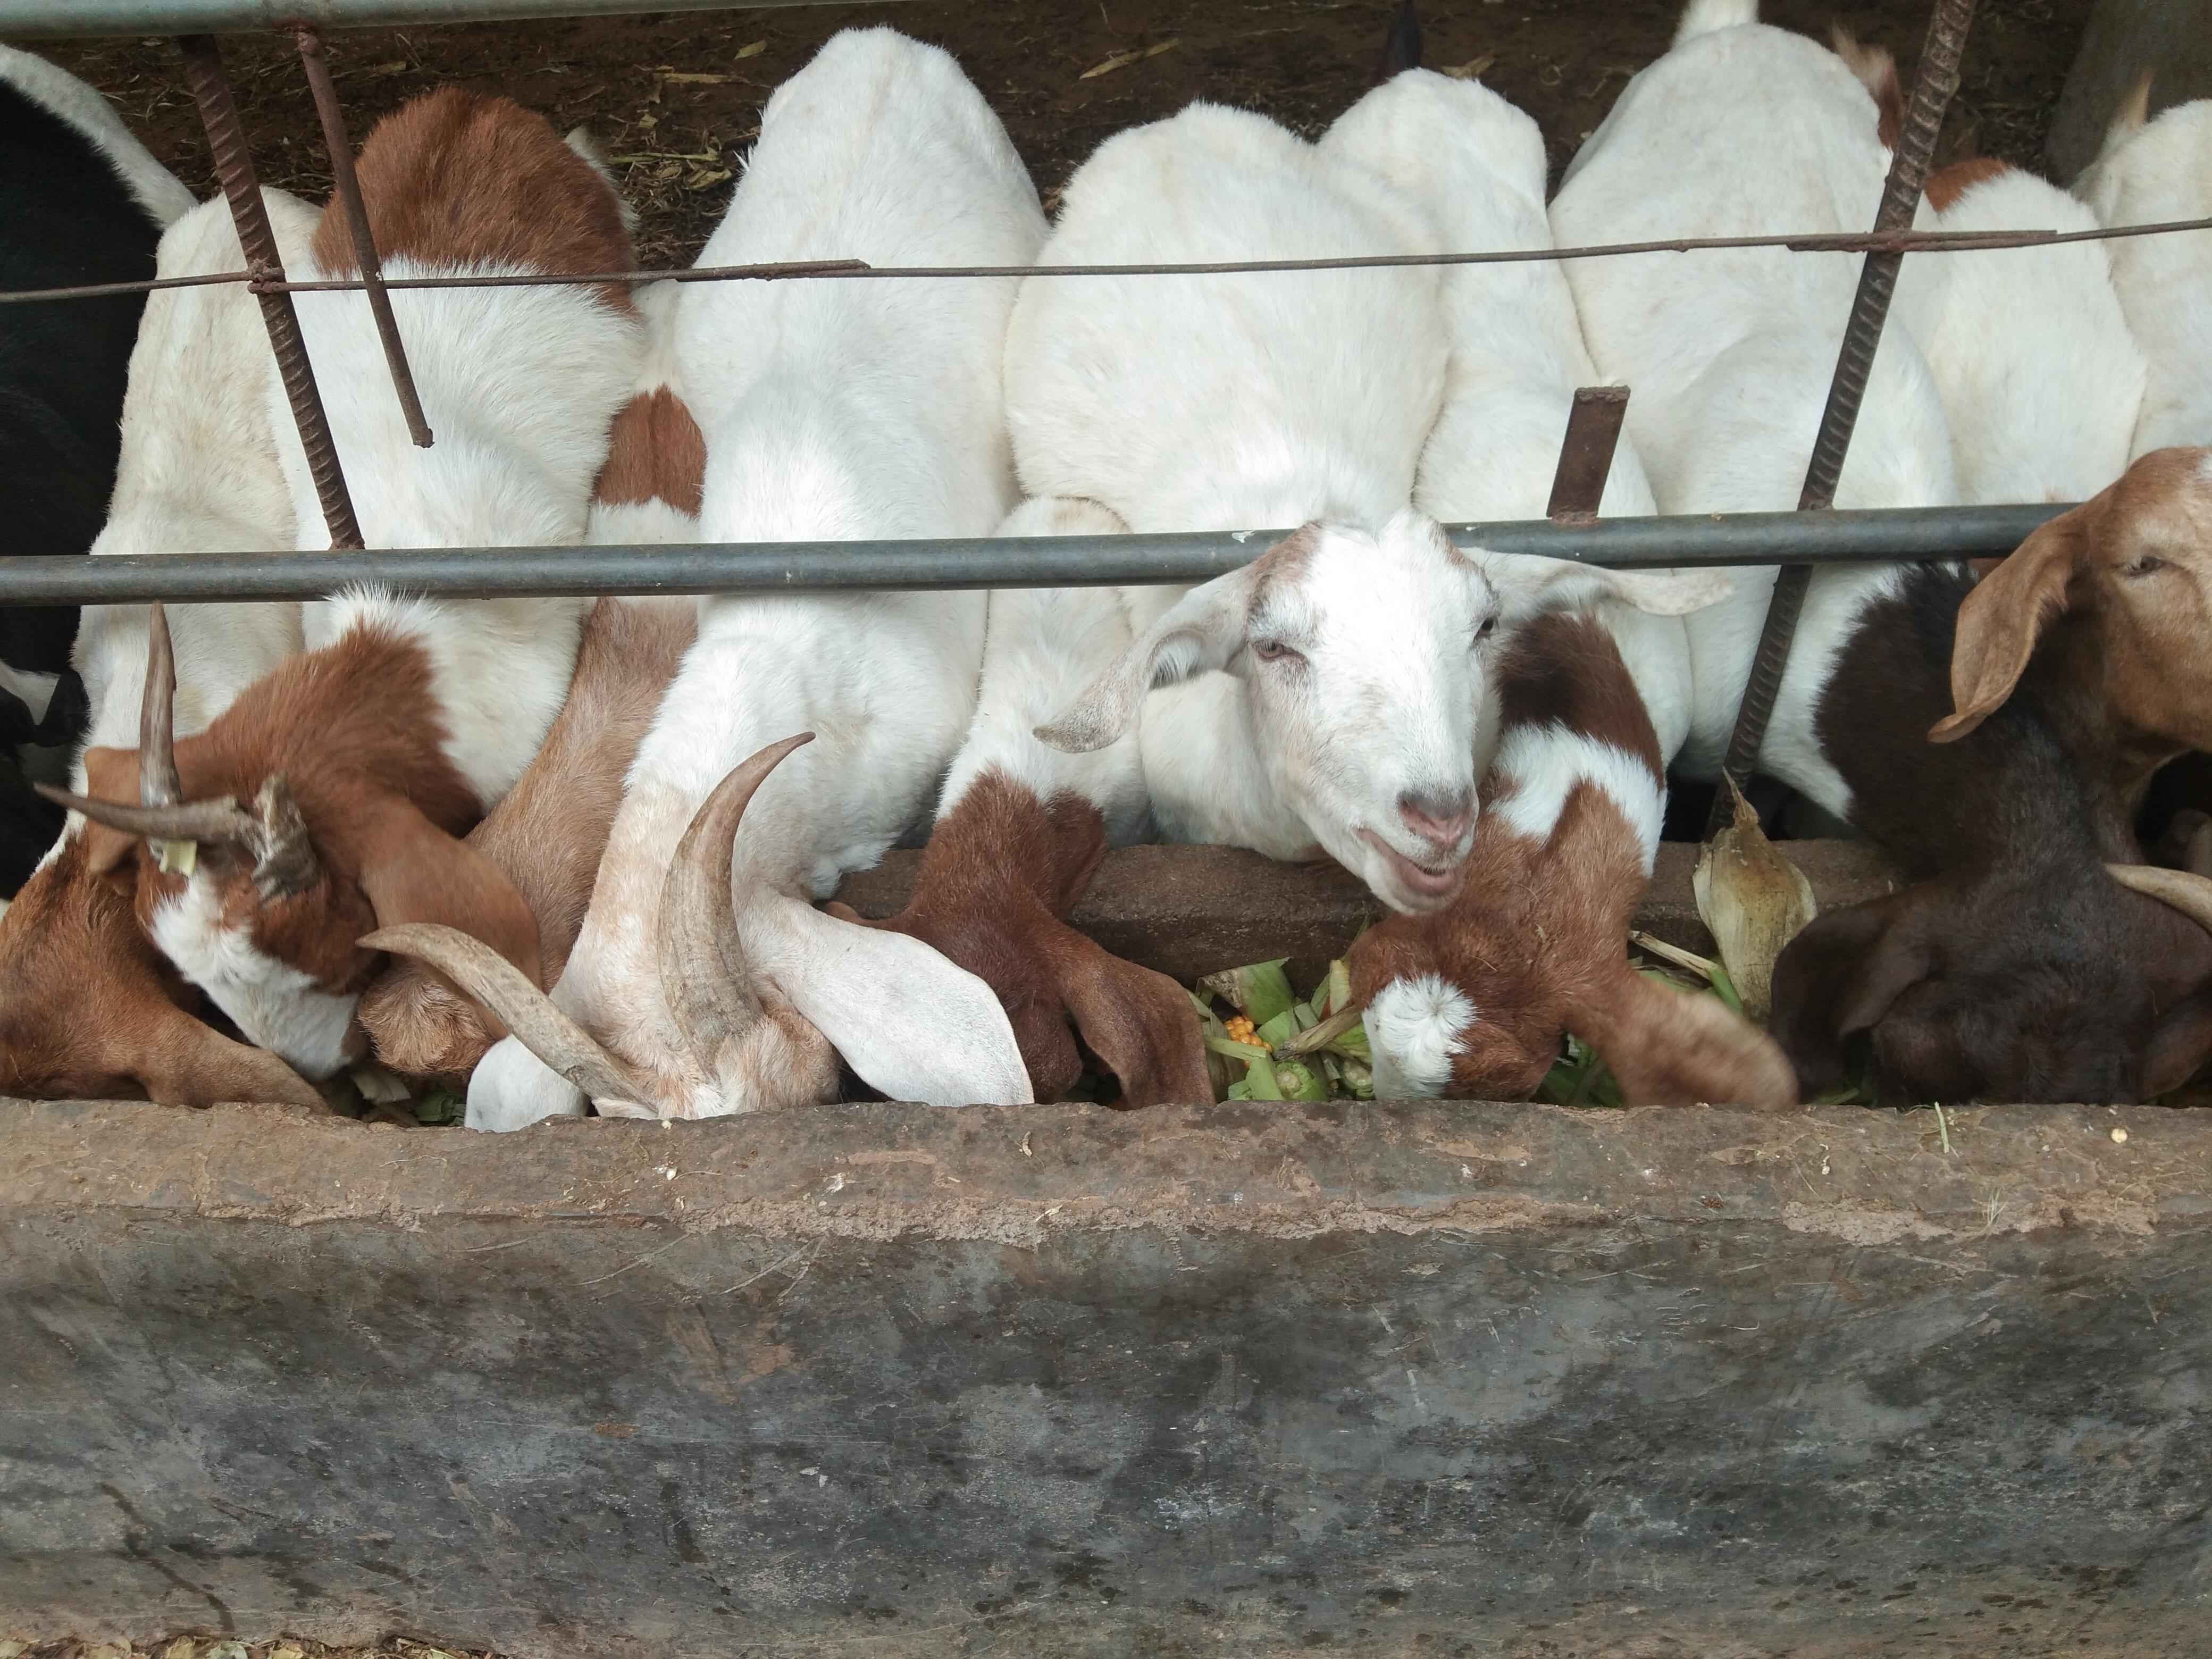 浅谈一下2020年下半年的羊价走势——还出现毛羊6元一斤的情况么